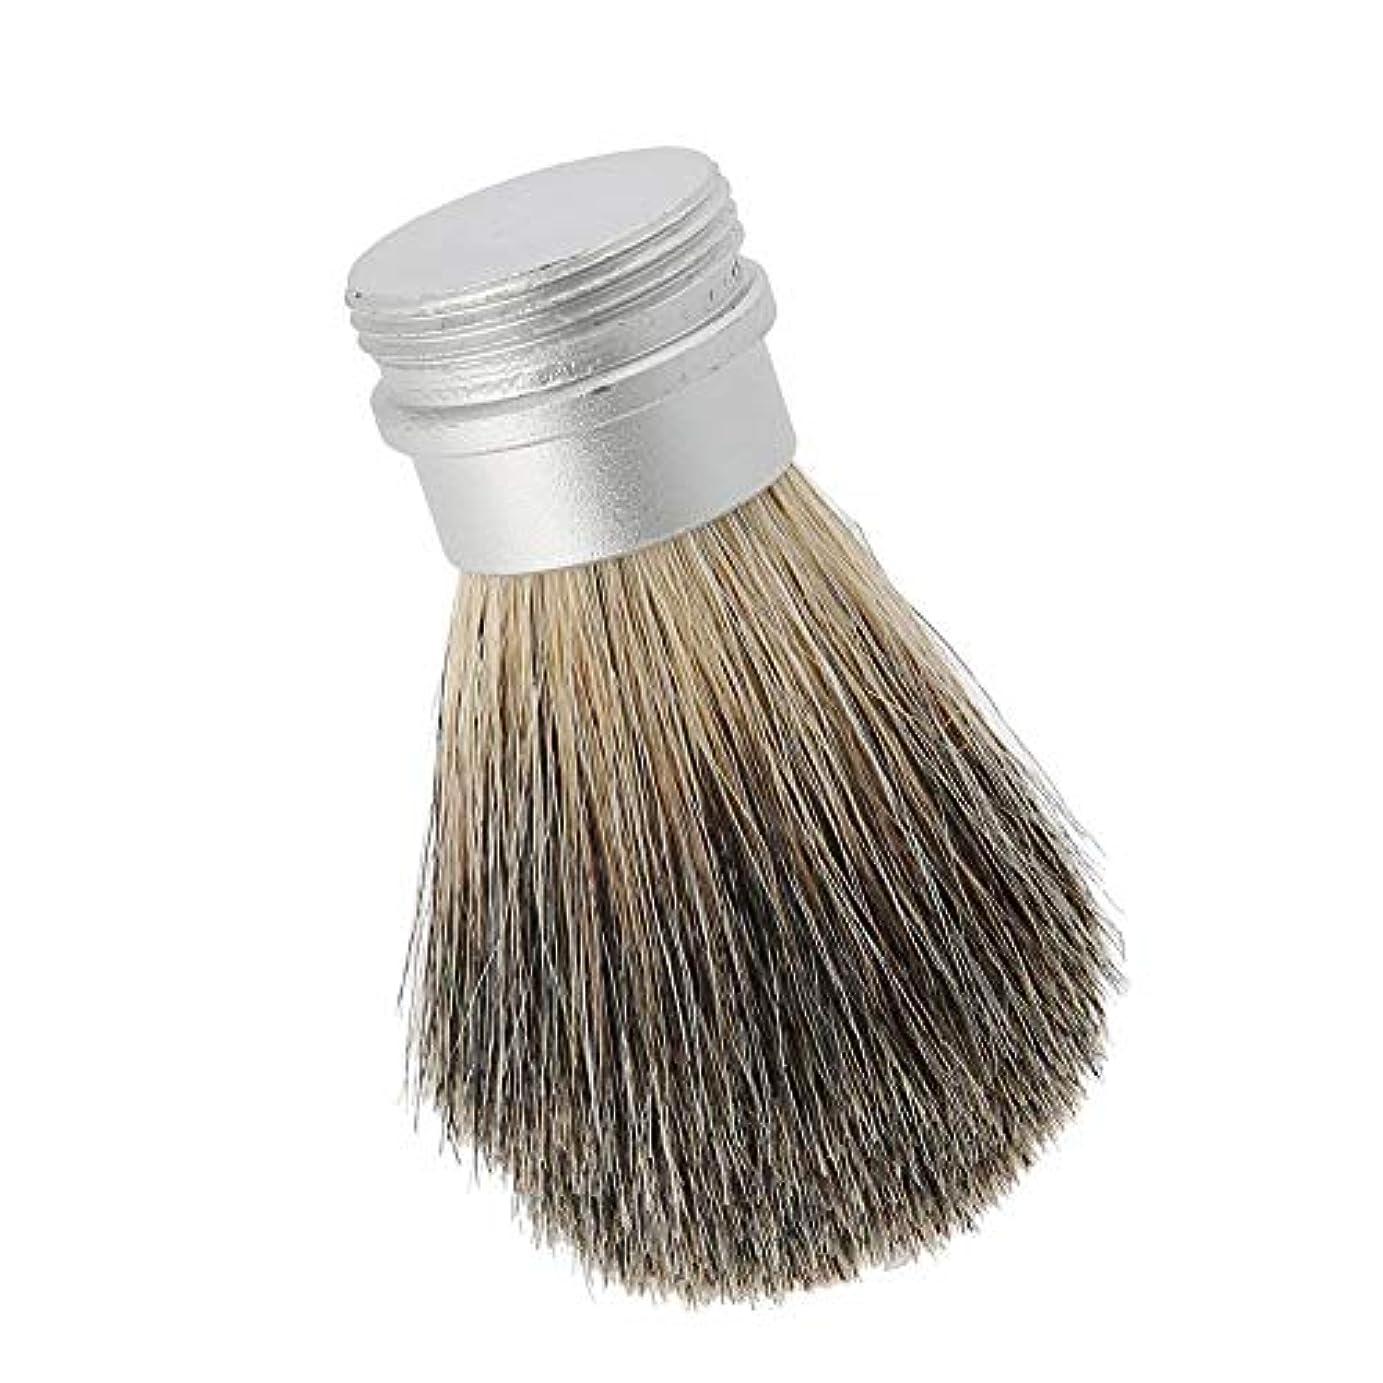 フレット秘書役に立つひげブラシひげ剃りツールポータブルひげブラシ男性のための最高のヘアブラシ口ひげブラシ